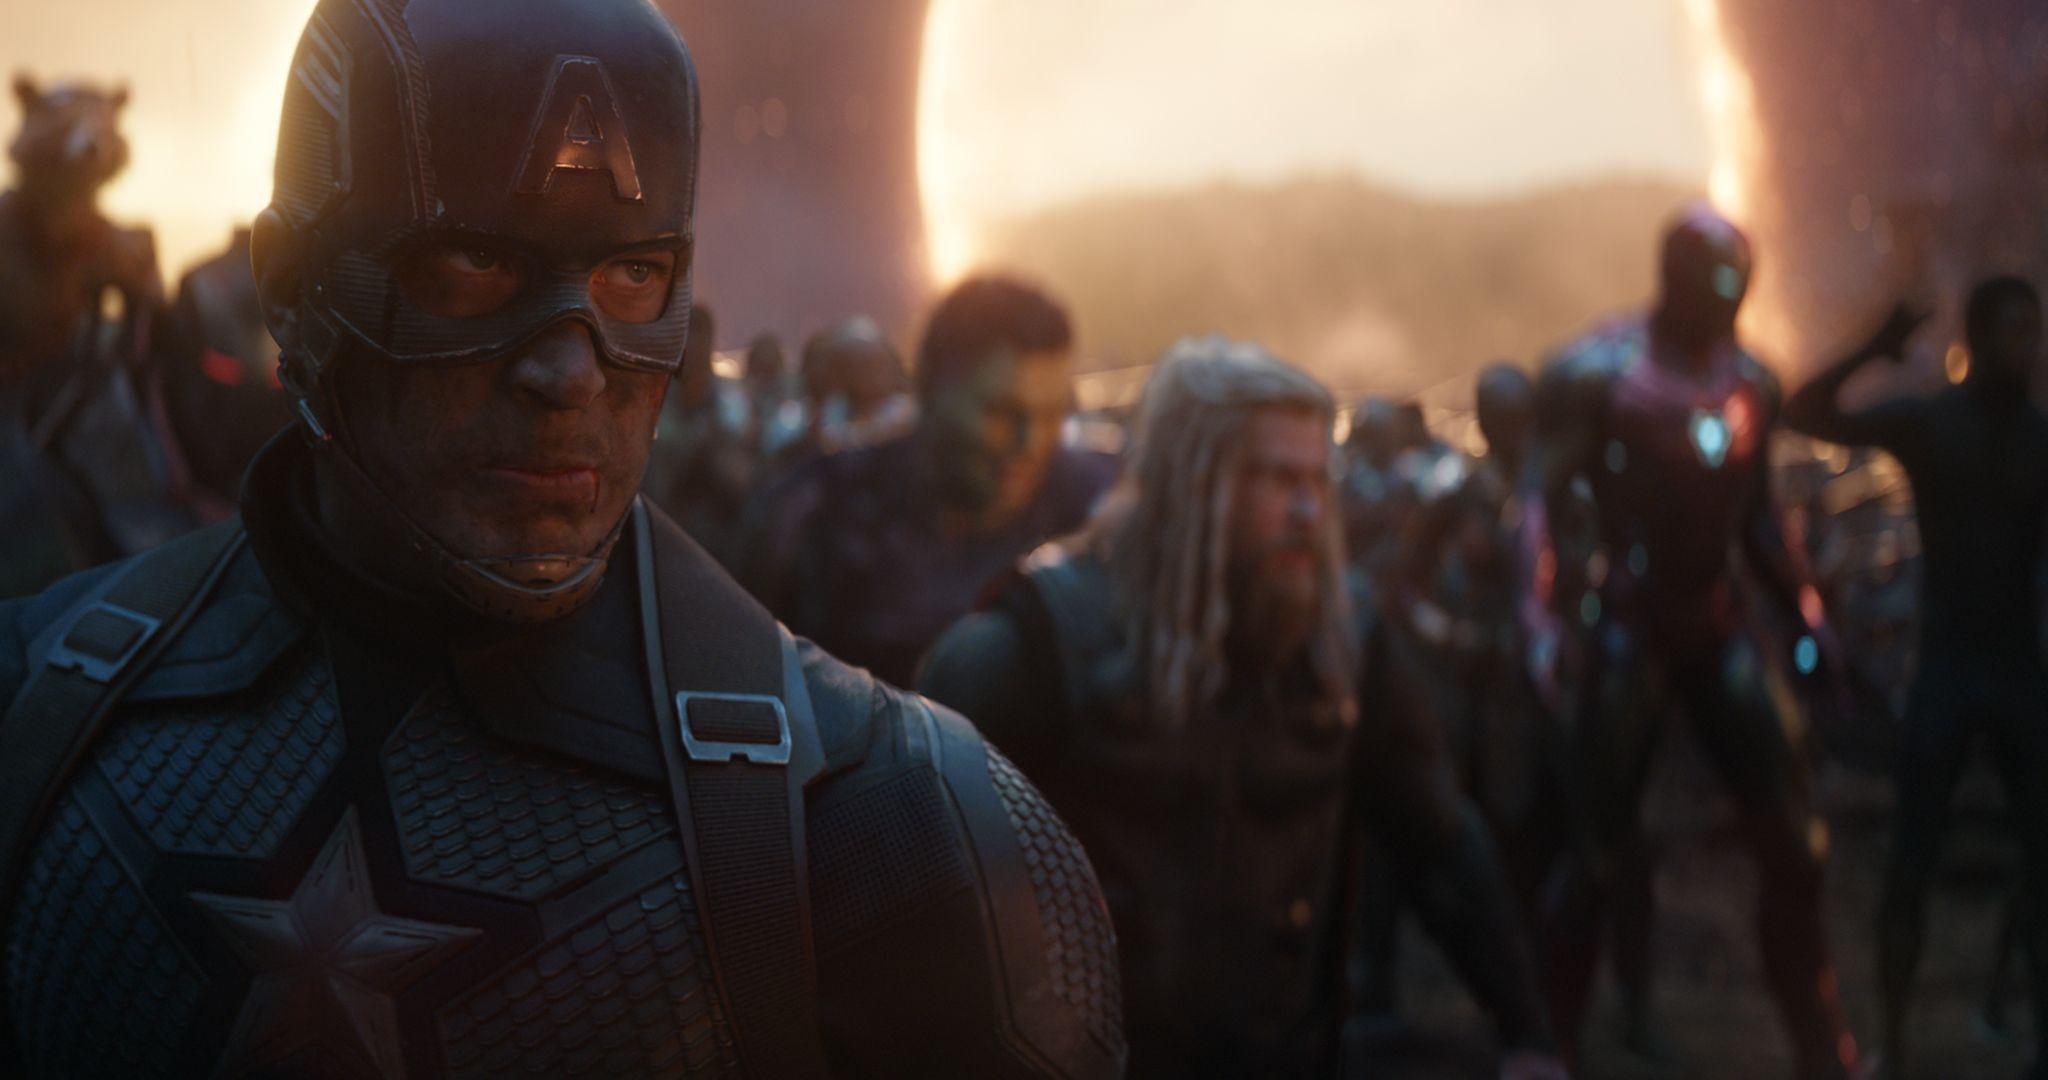 Avengers: Endgame Digital & Bluray Release Date, Details